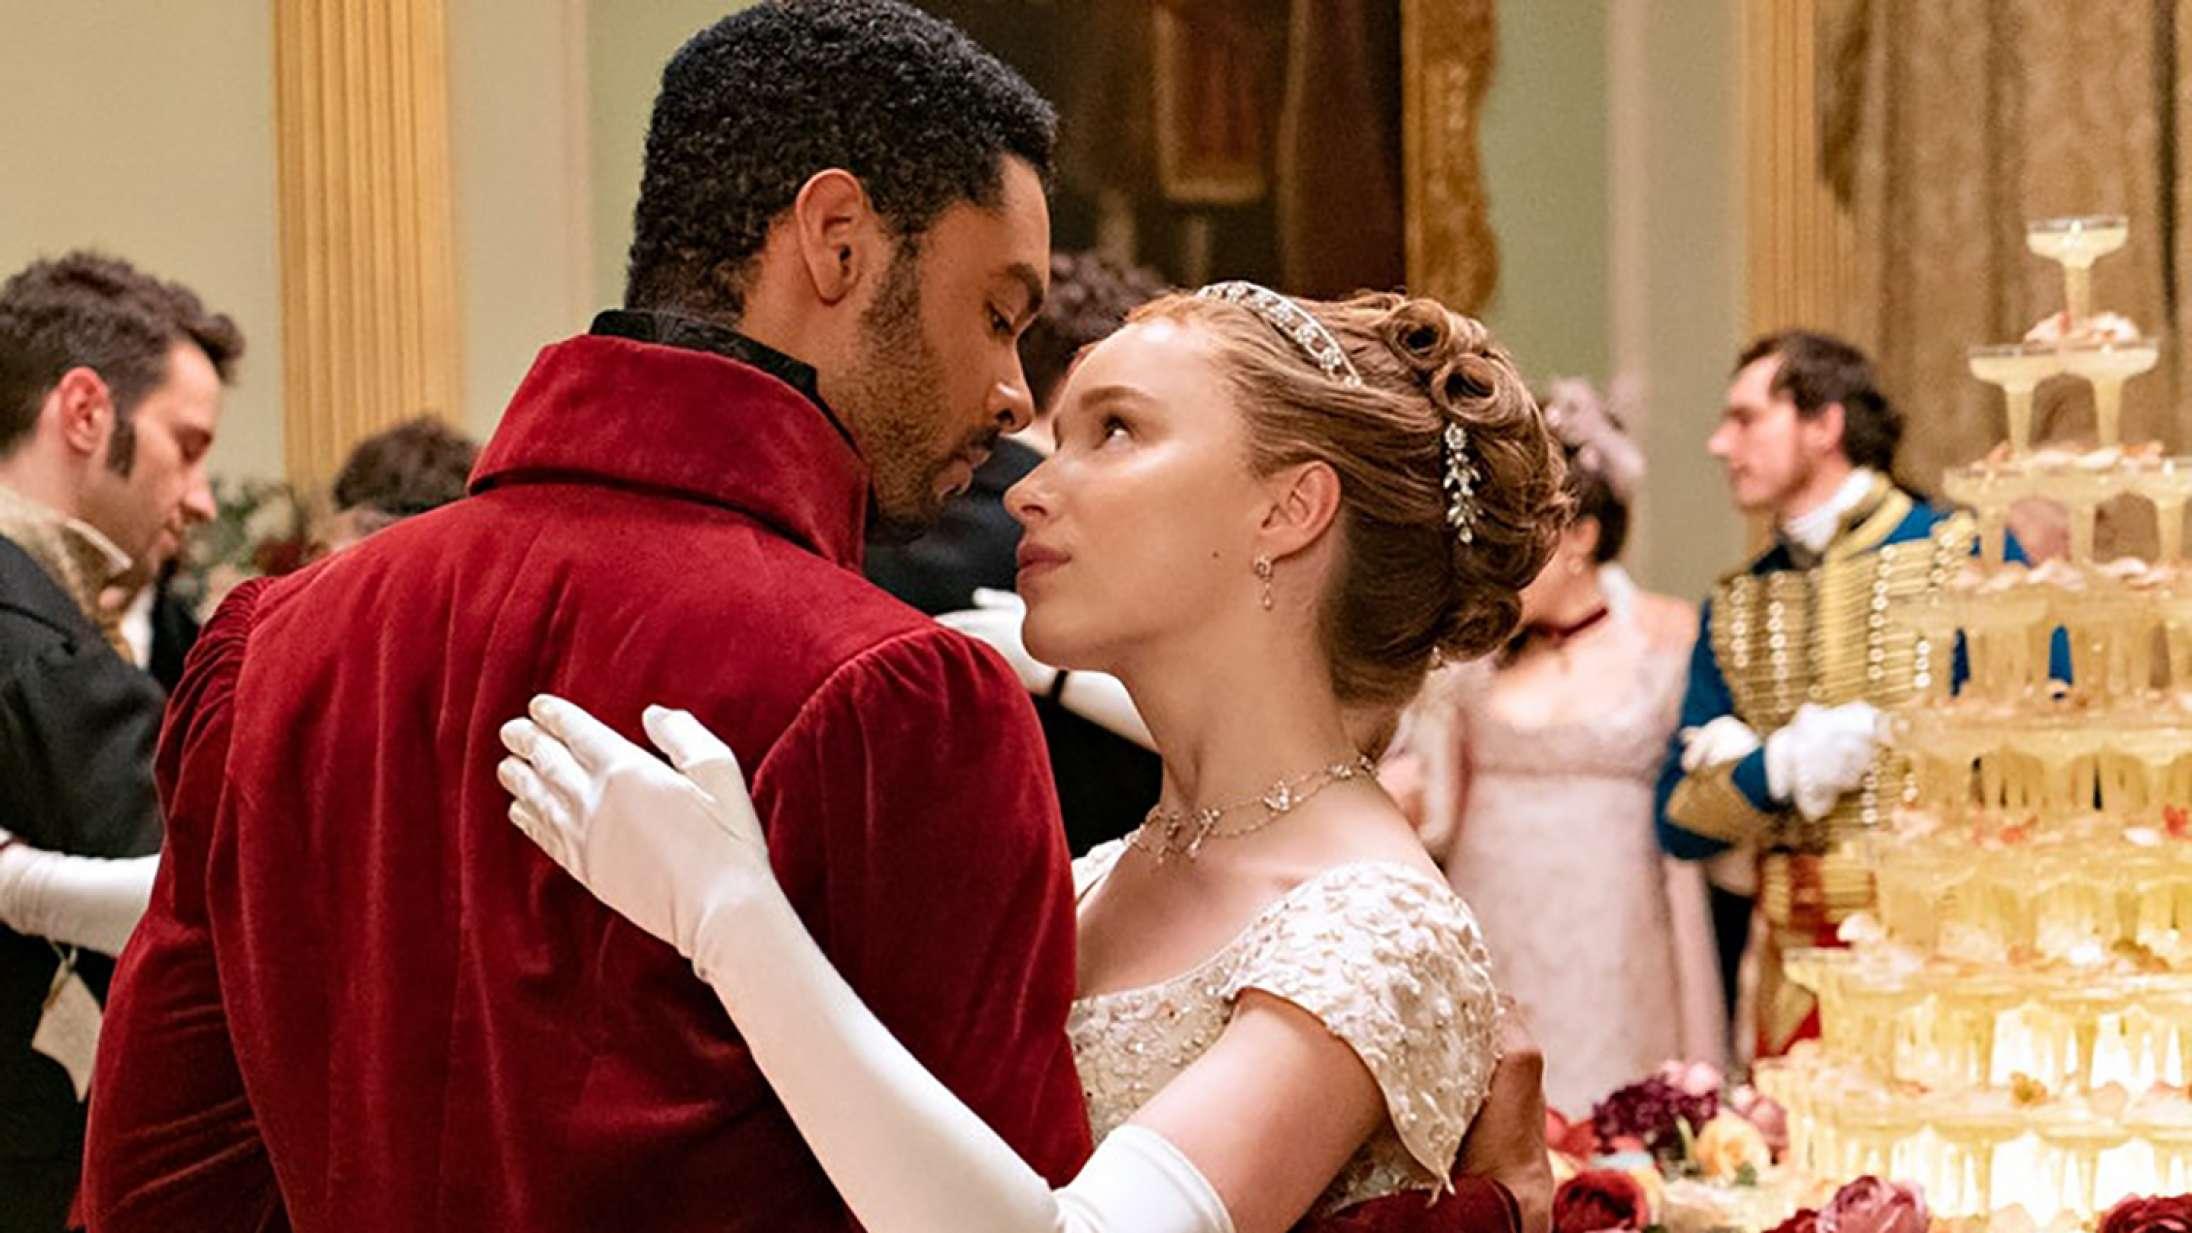 Netflix fornyer 'Bridgerton' med en tredje og fjerde sæson